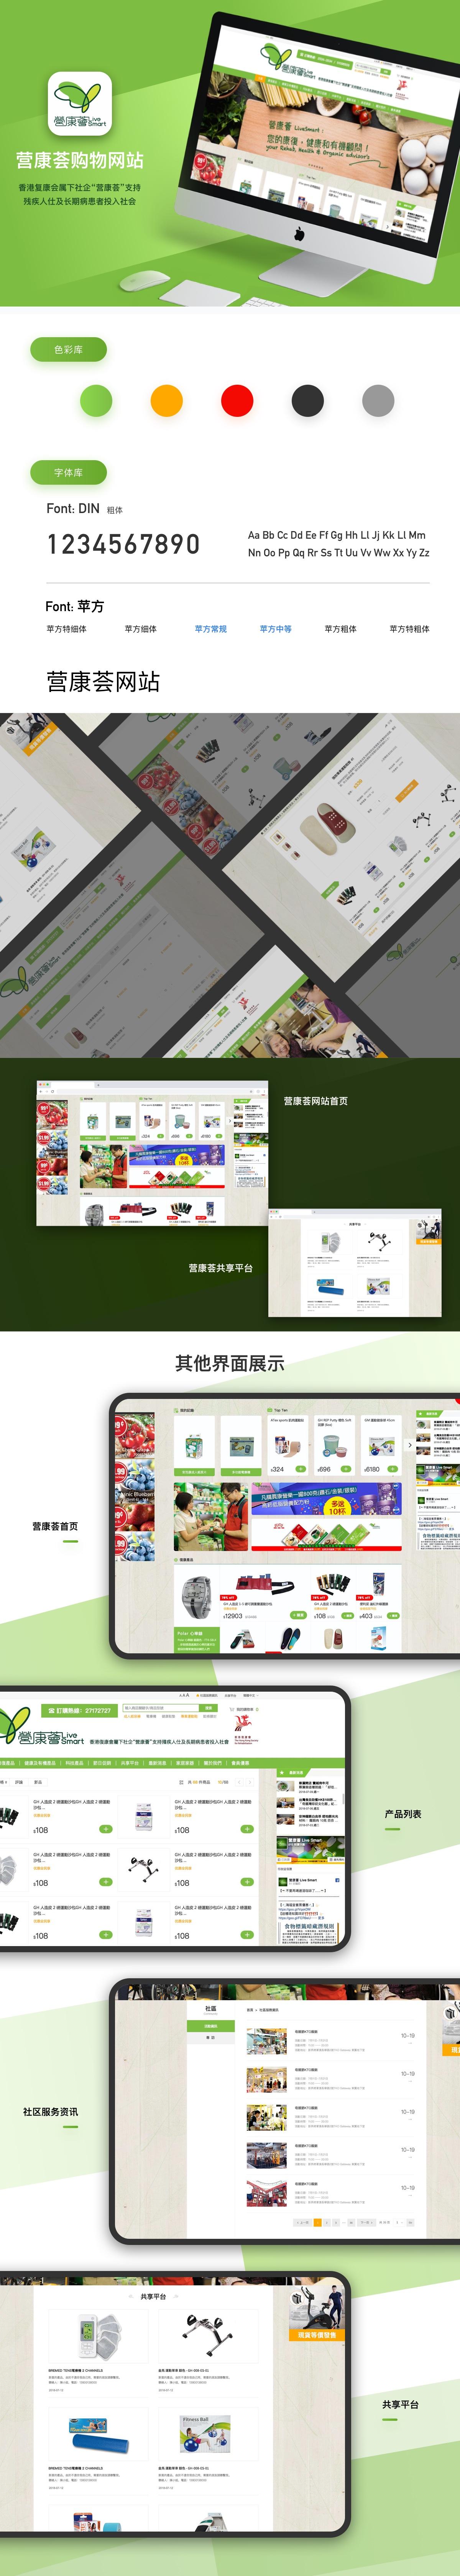 案例-营康荟网站.jpg